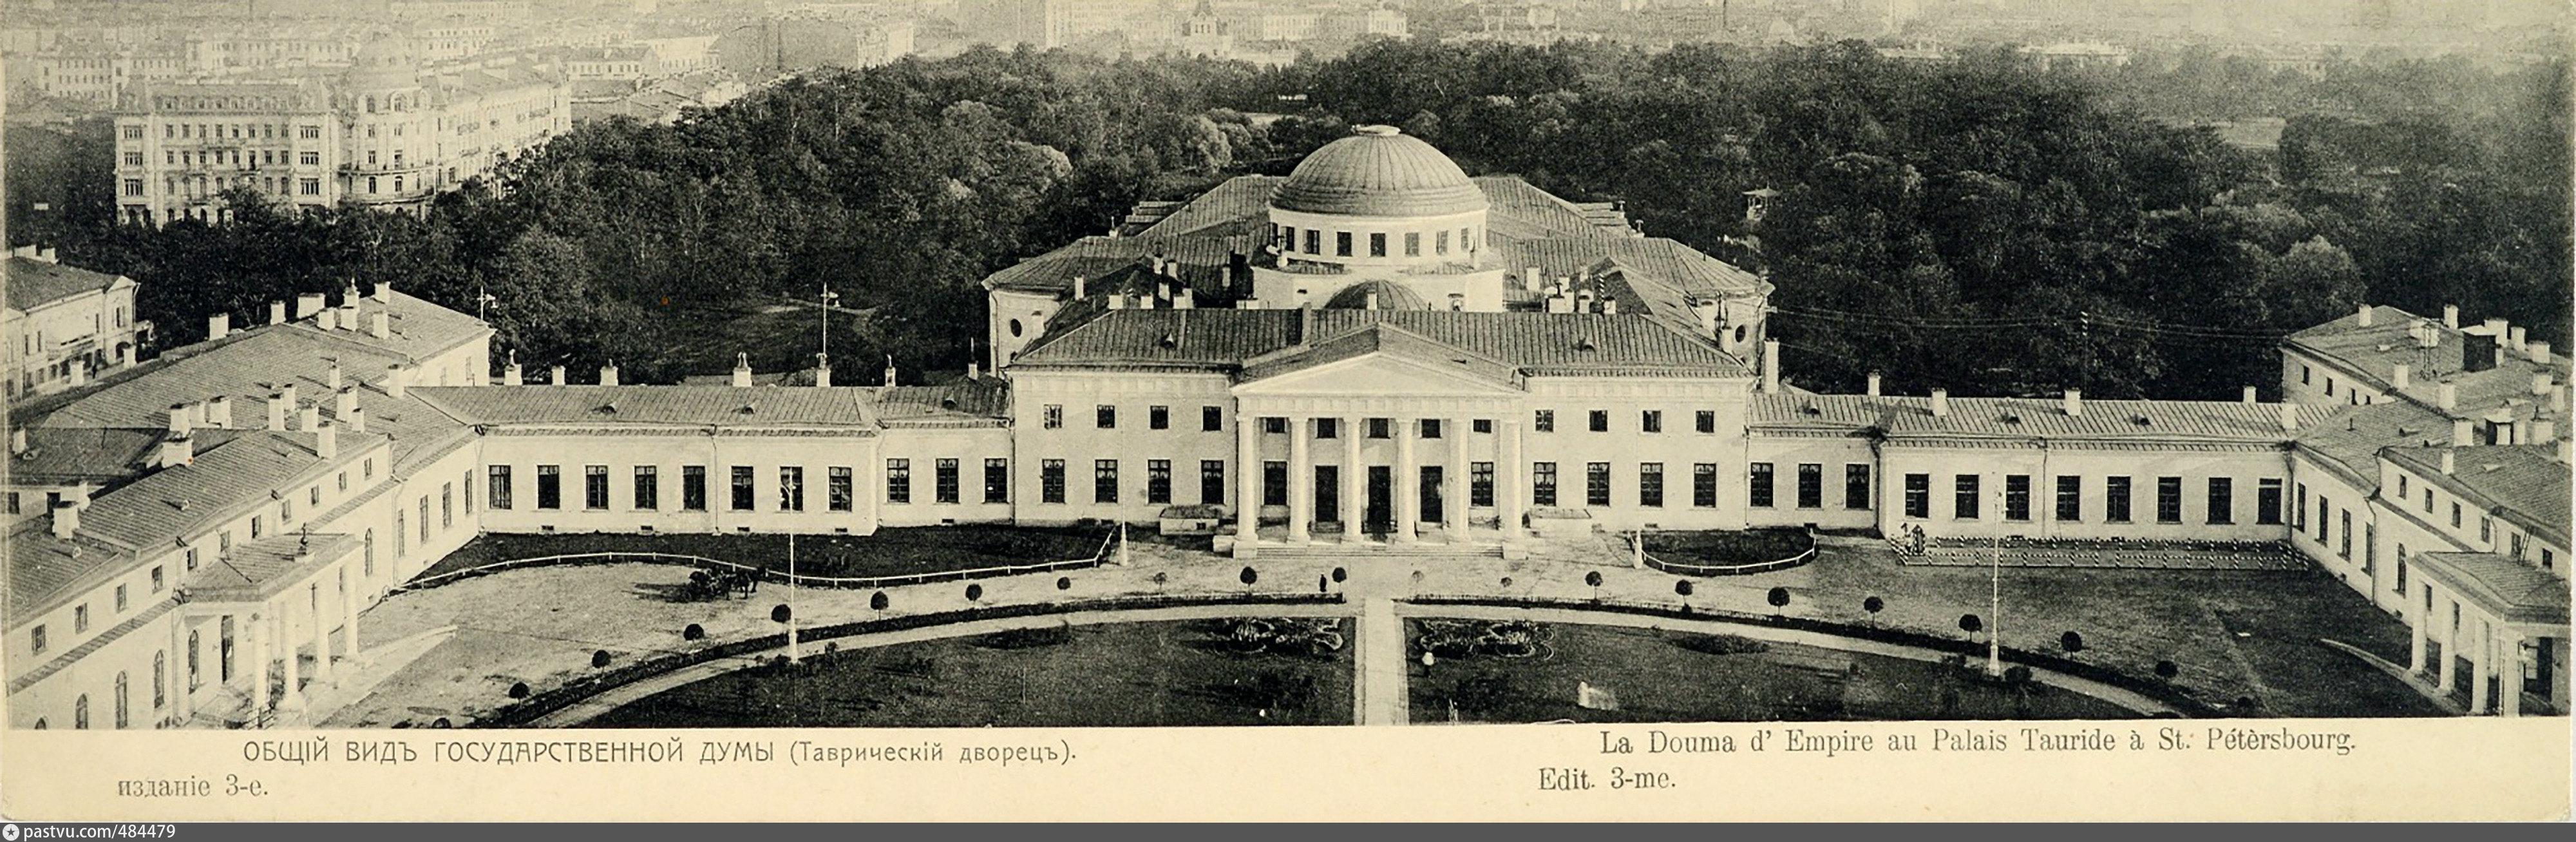 спб таврический дворец исторические планы картинки хорошо